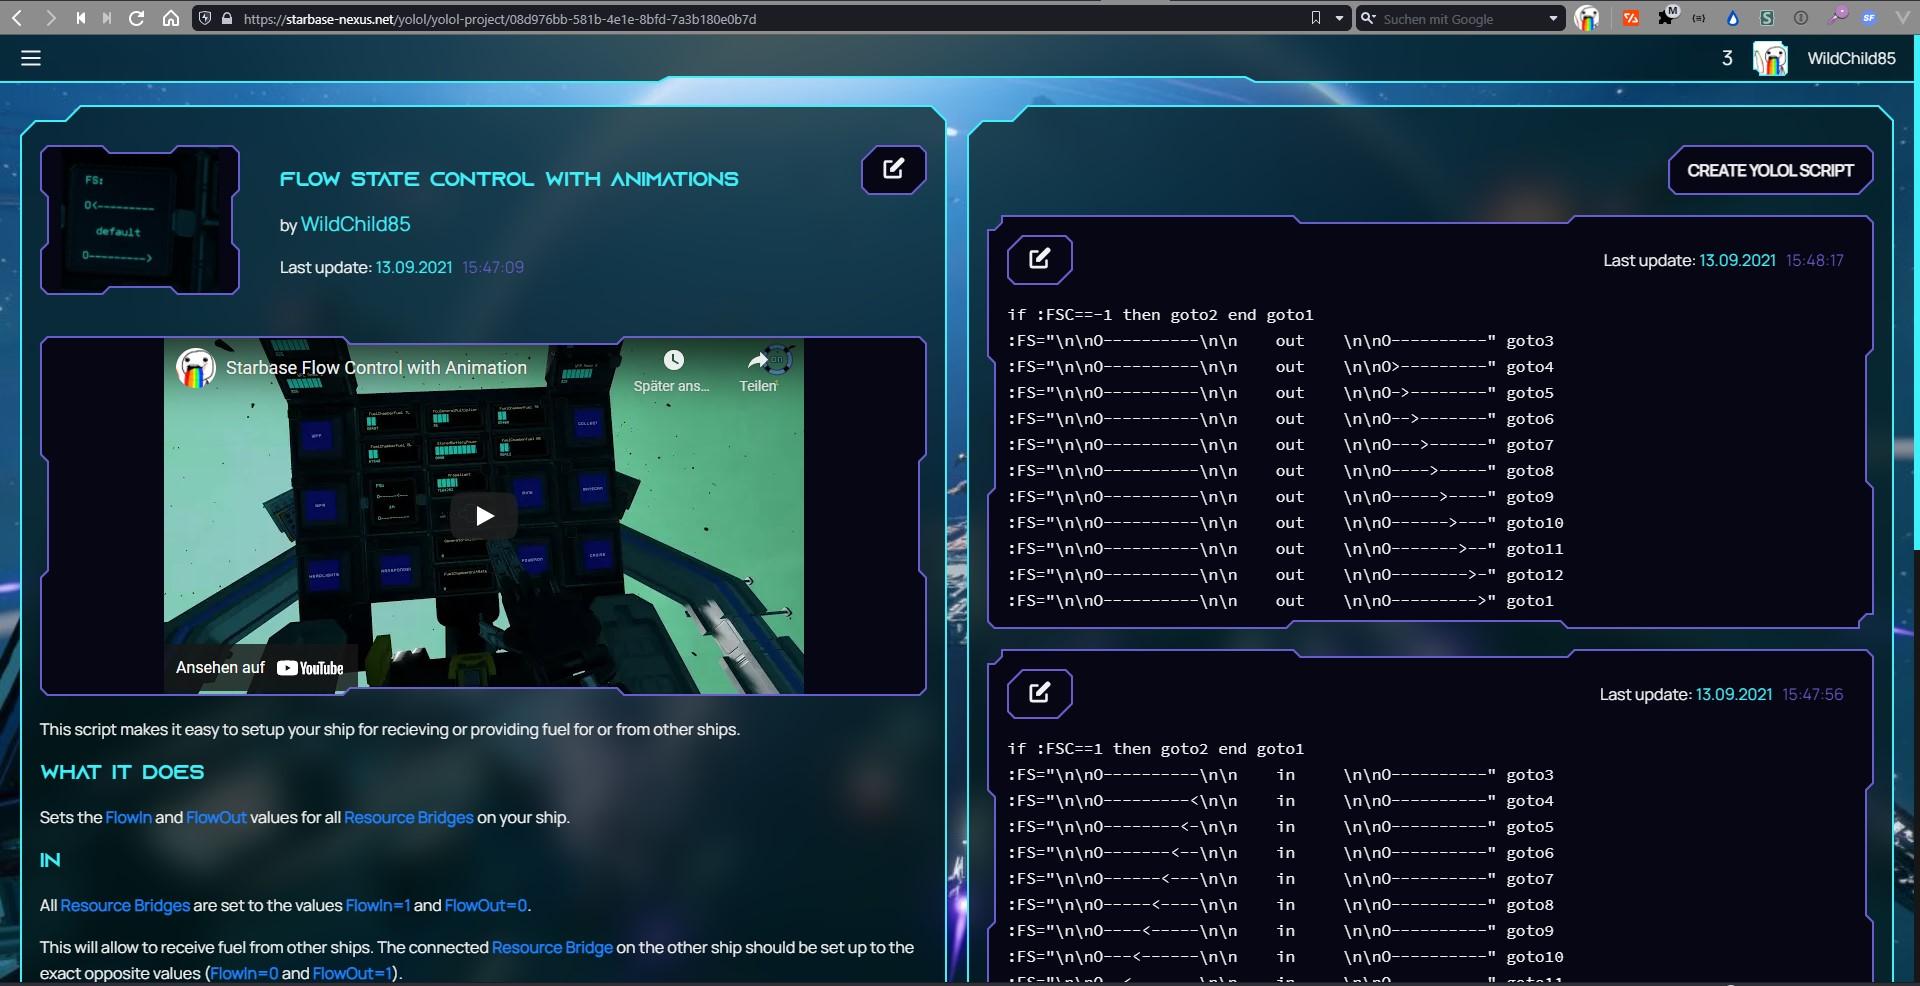 Screenshot 2021-09-13 171406.jpg